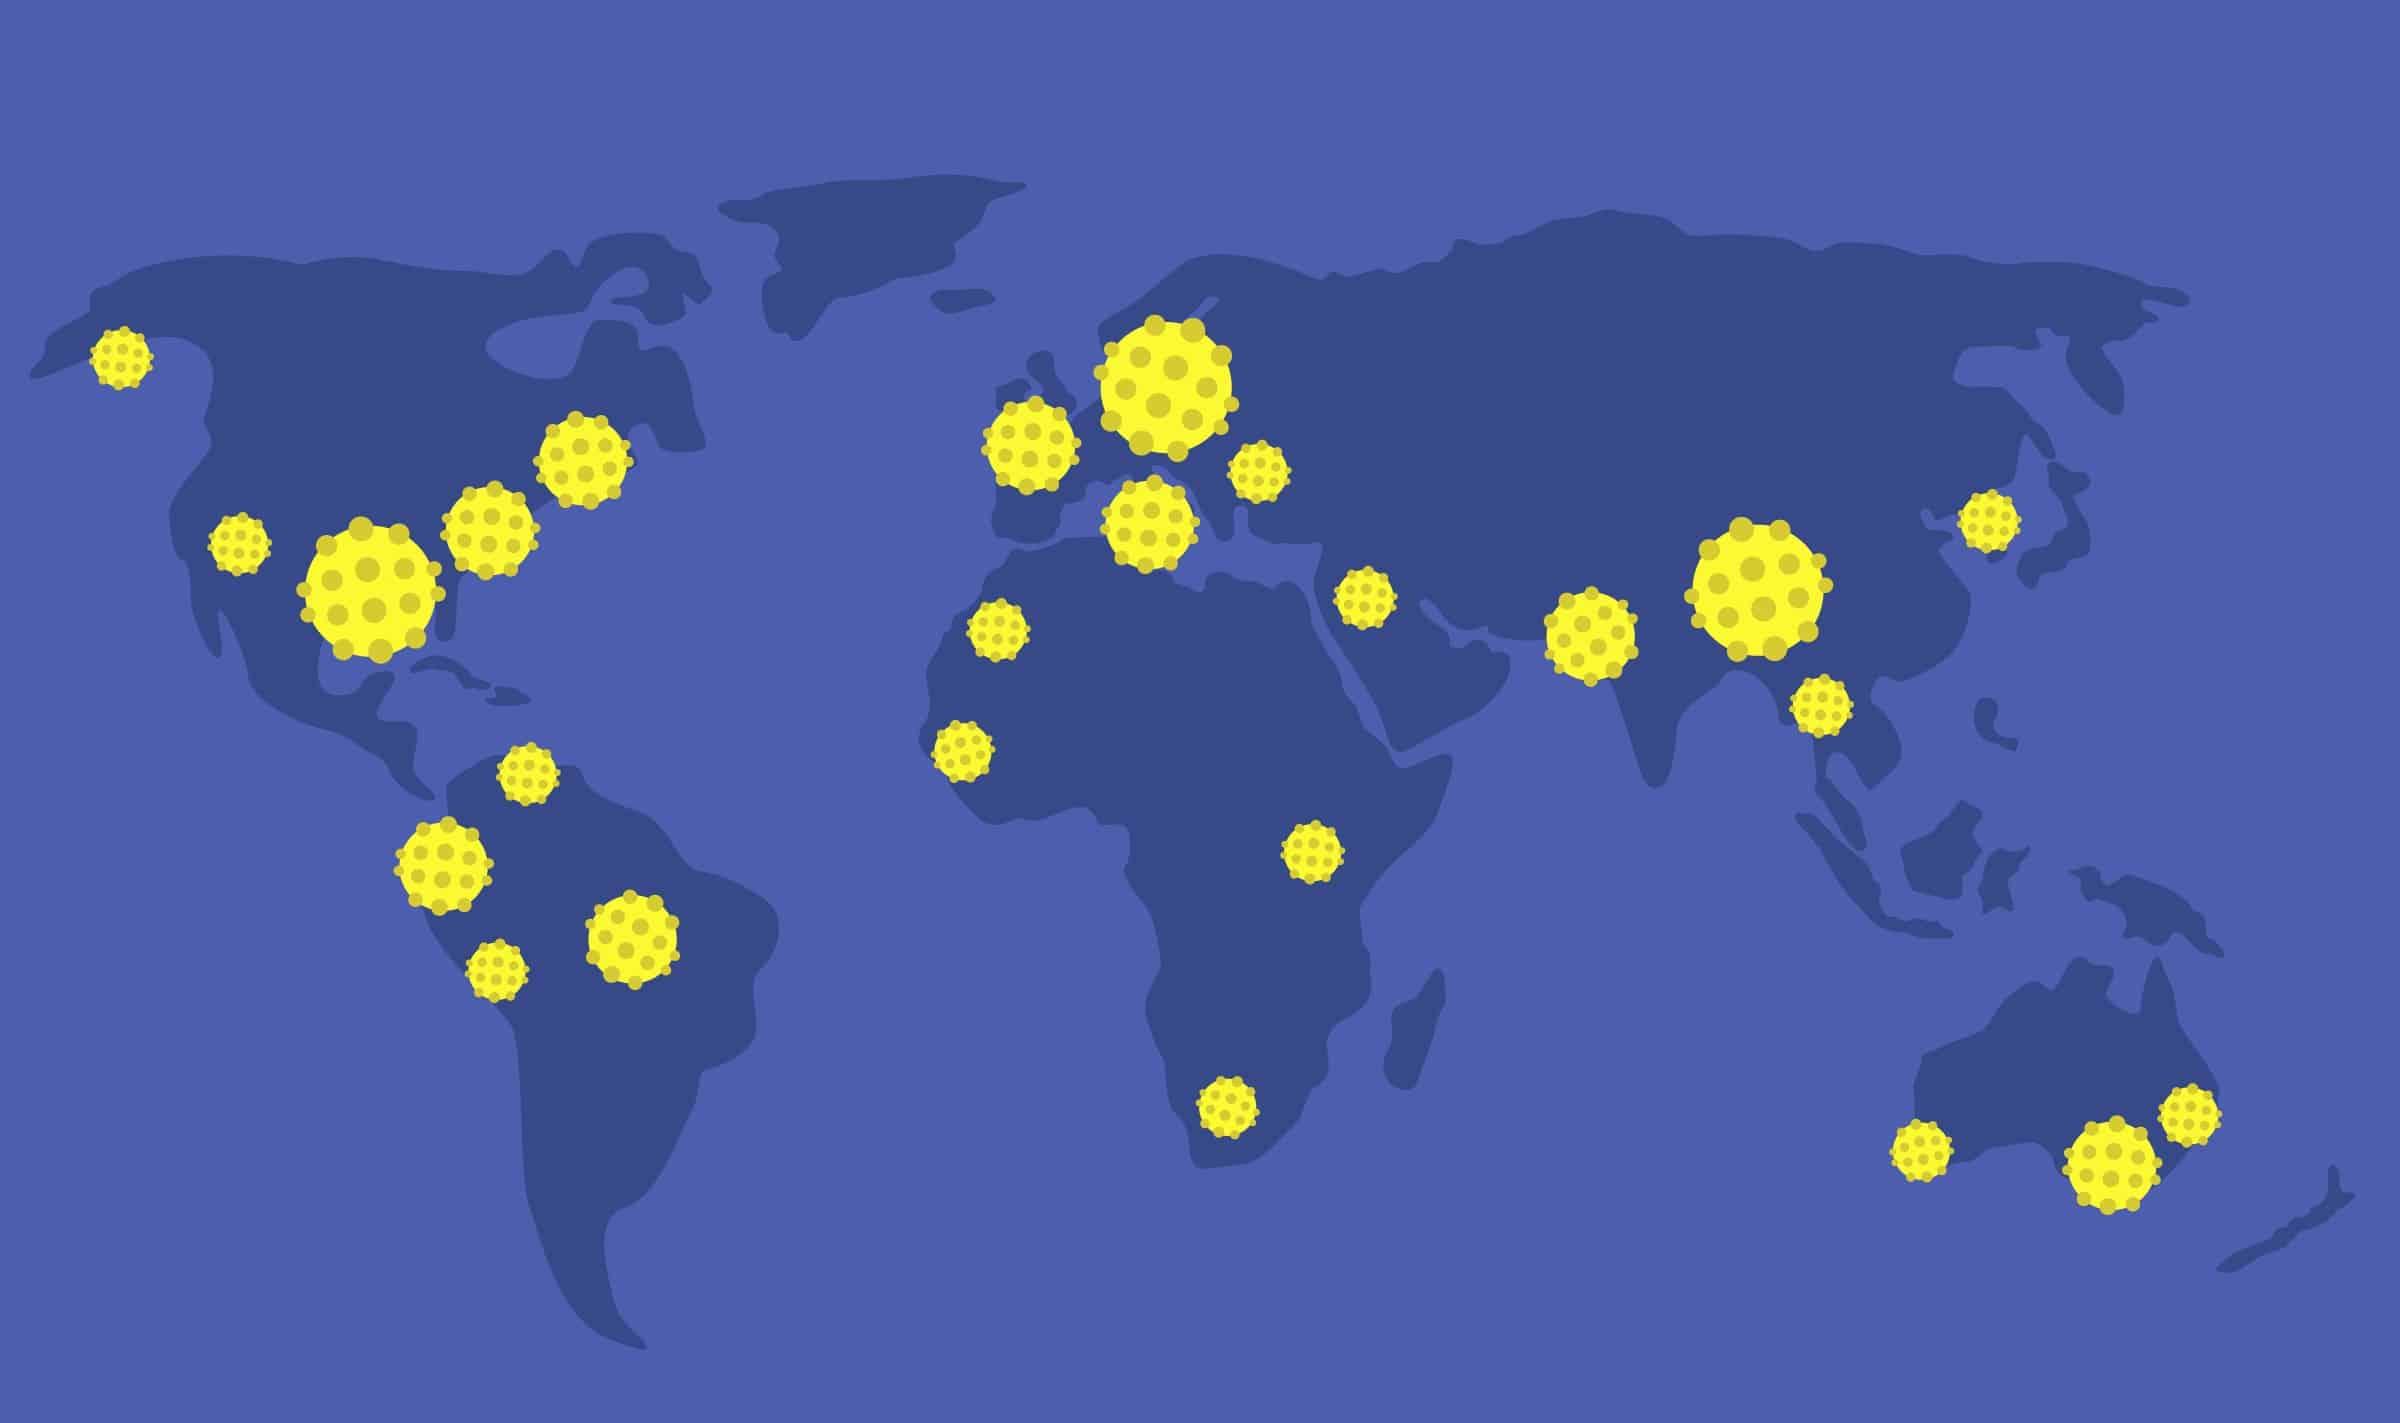 Ảnh vệ tinh, tốc độ Internet, dịch bệnh covid-19